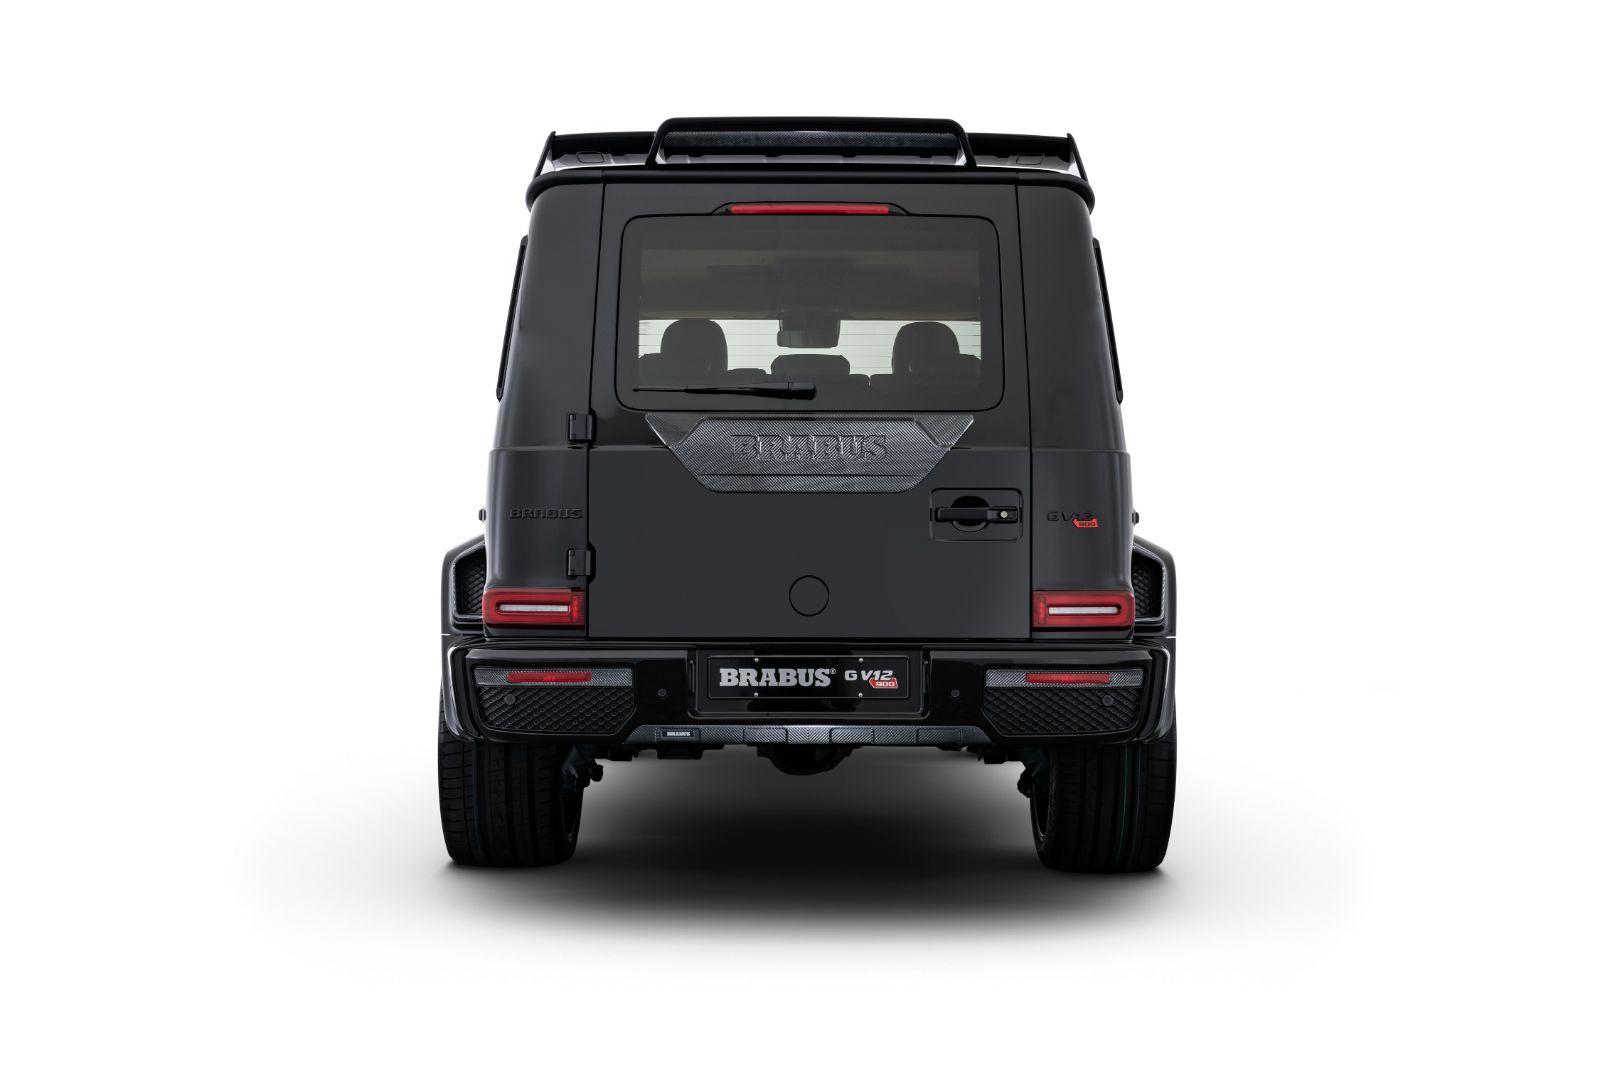 brabus-004b